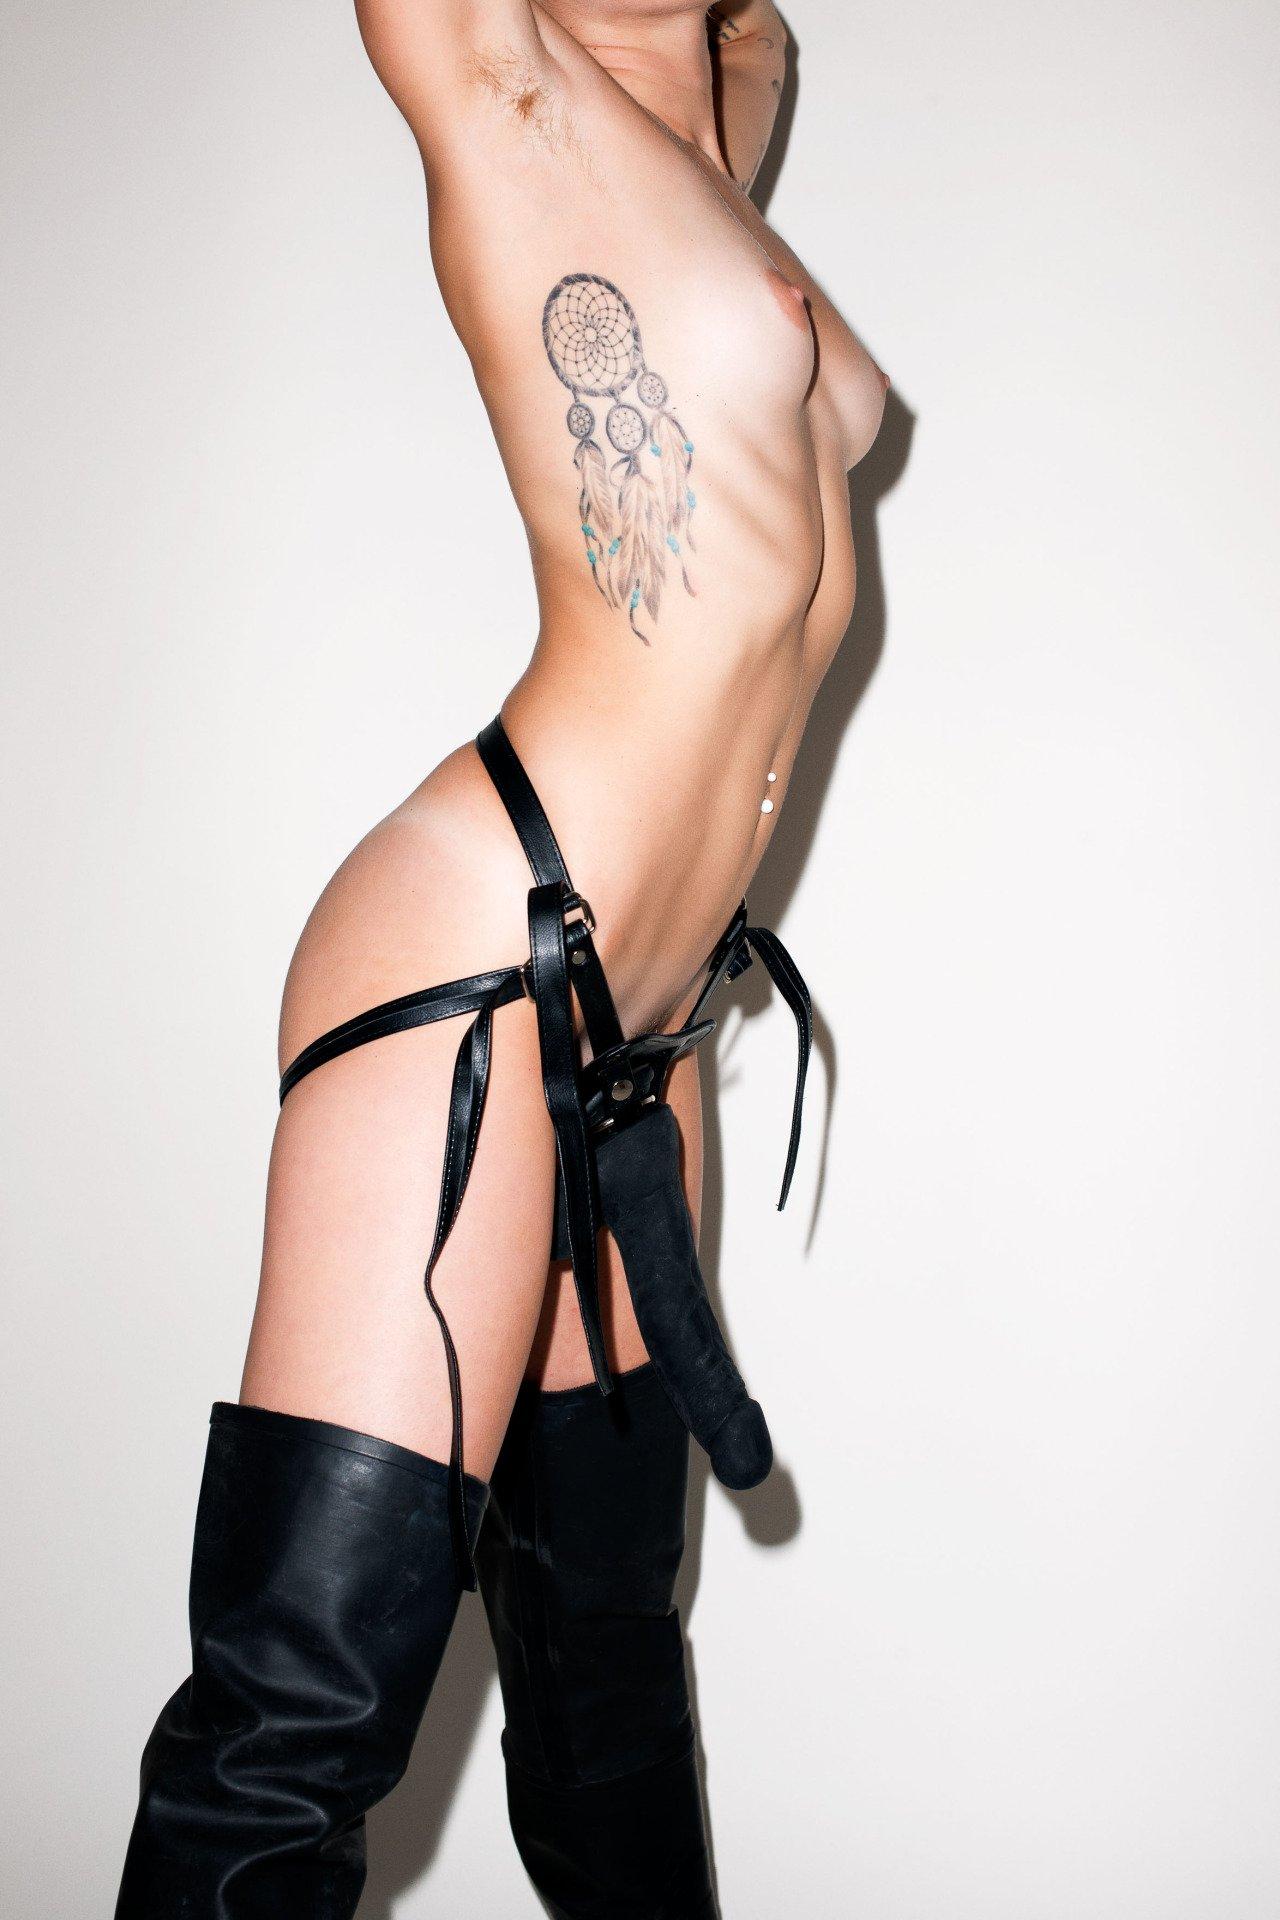 Cyrus nudes